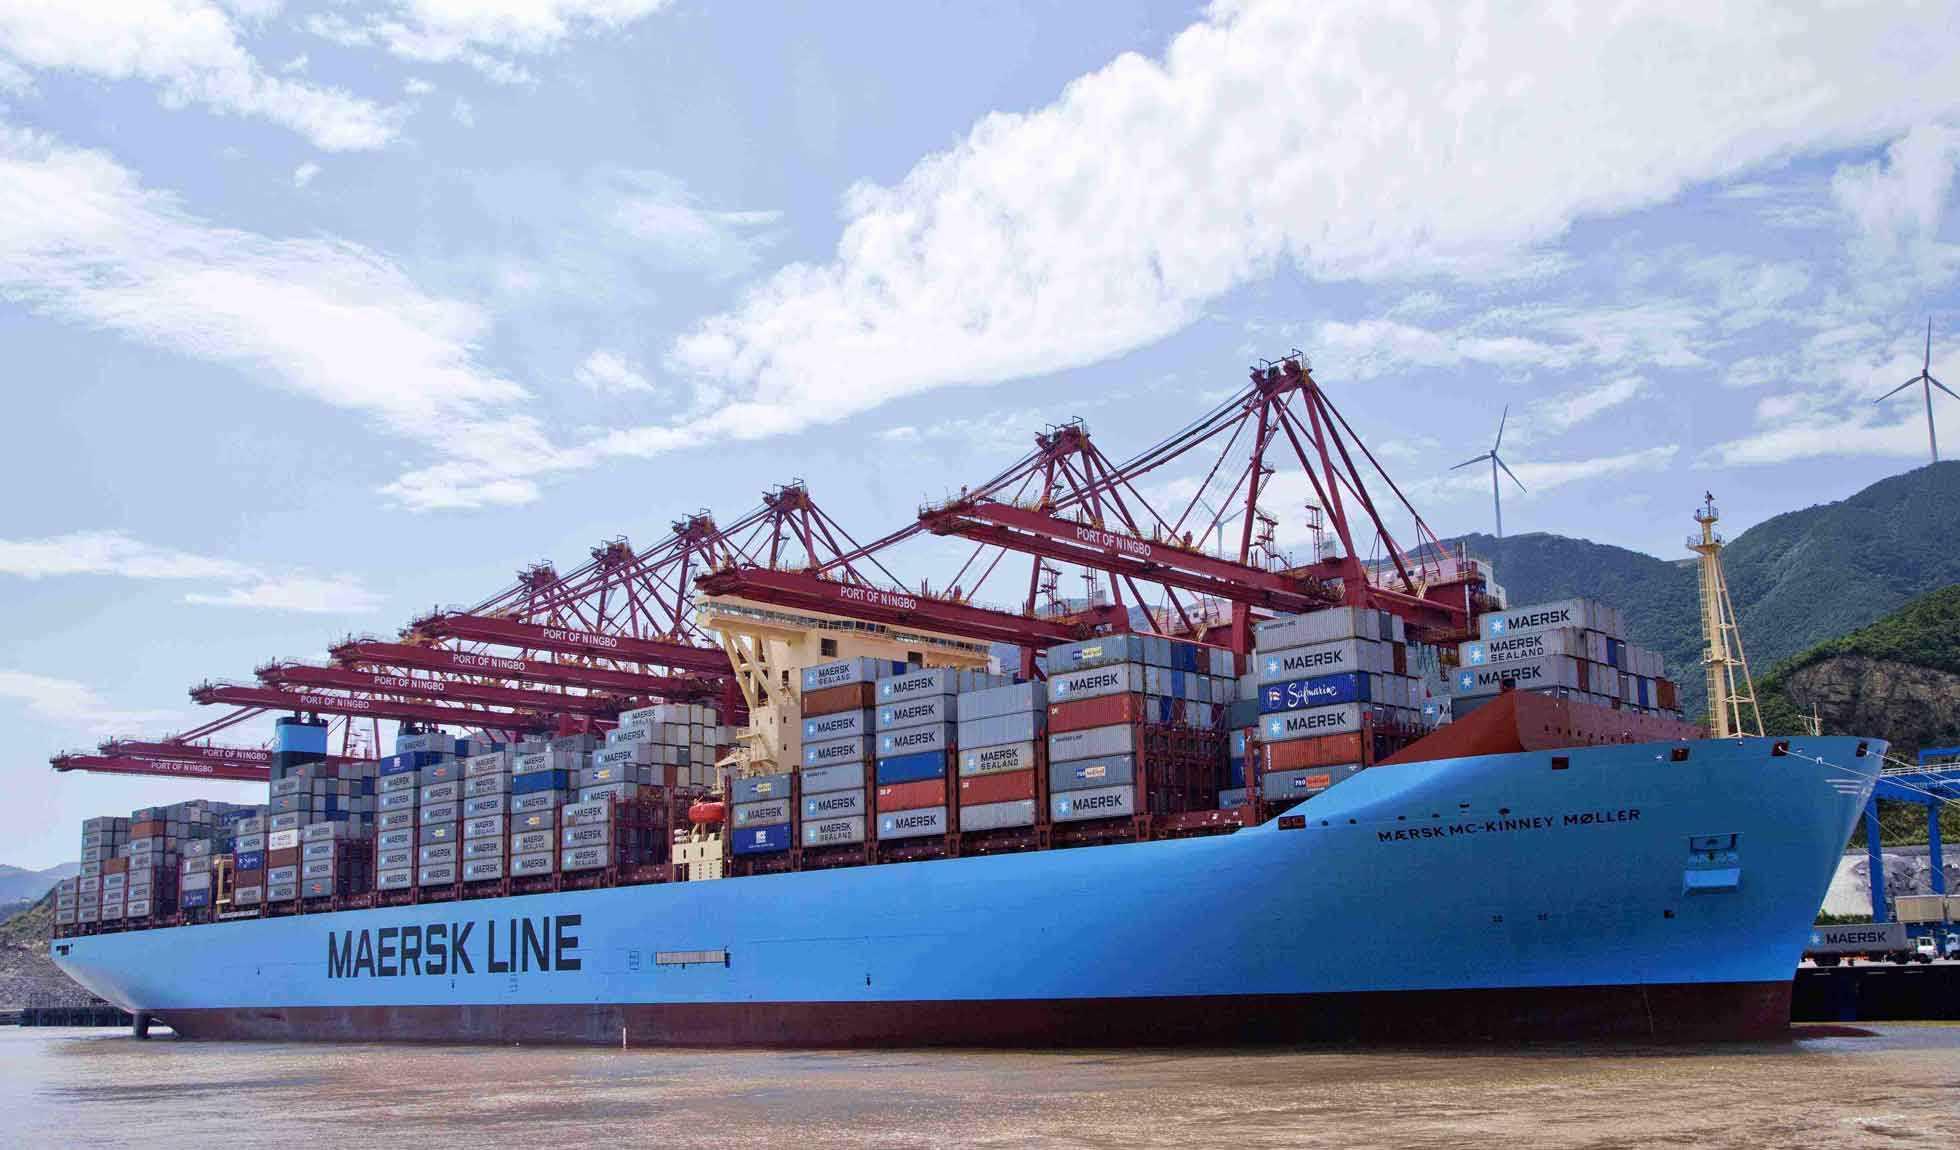 台湾海快专线中有哪些货物不能运输